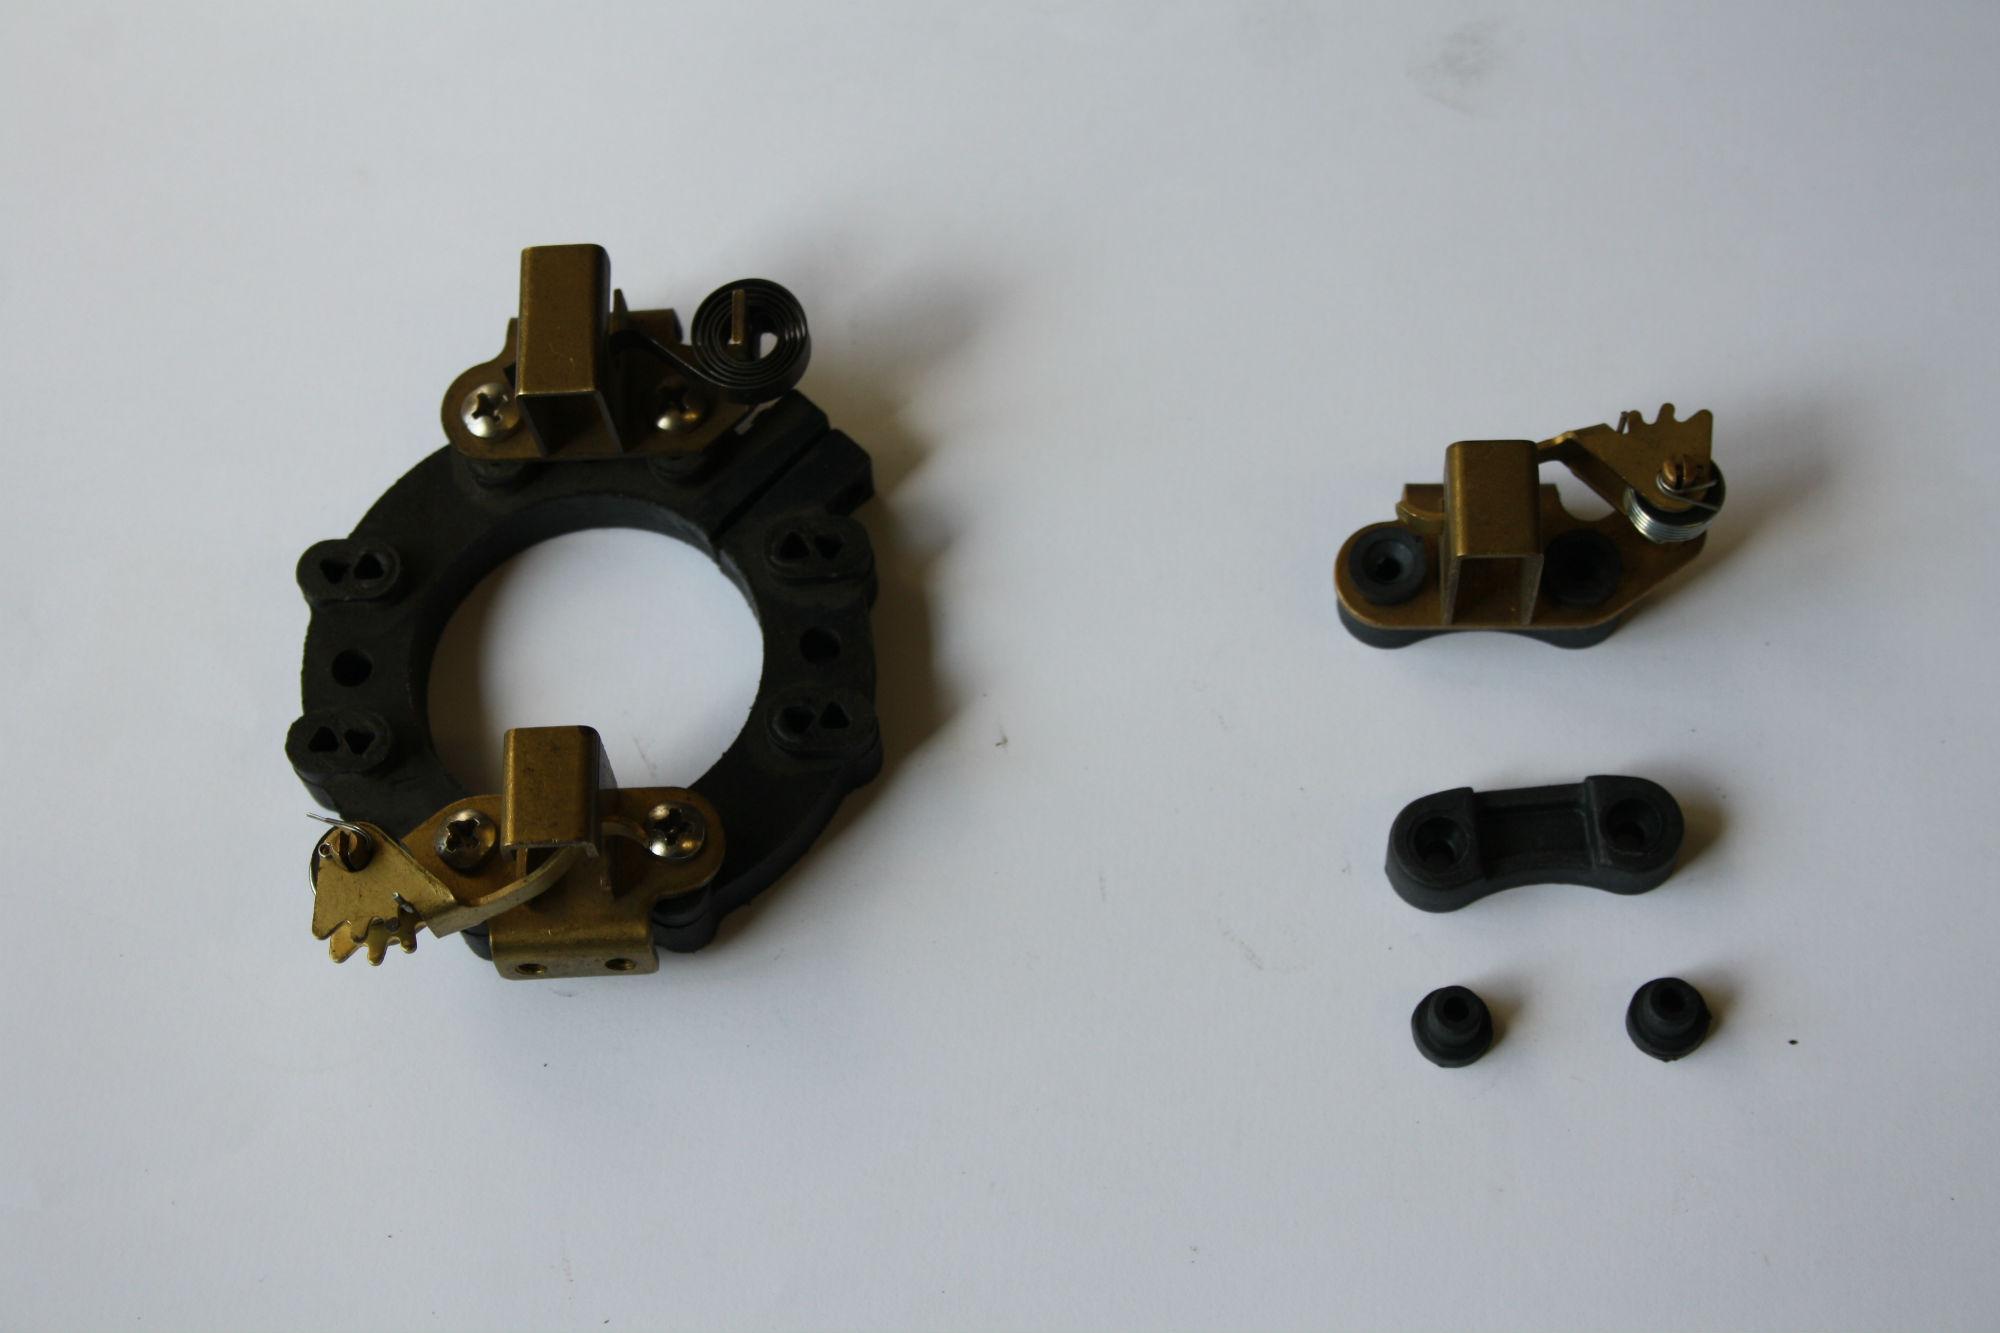 Portaspazzole a carico variabile e anello iin materiale plastico